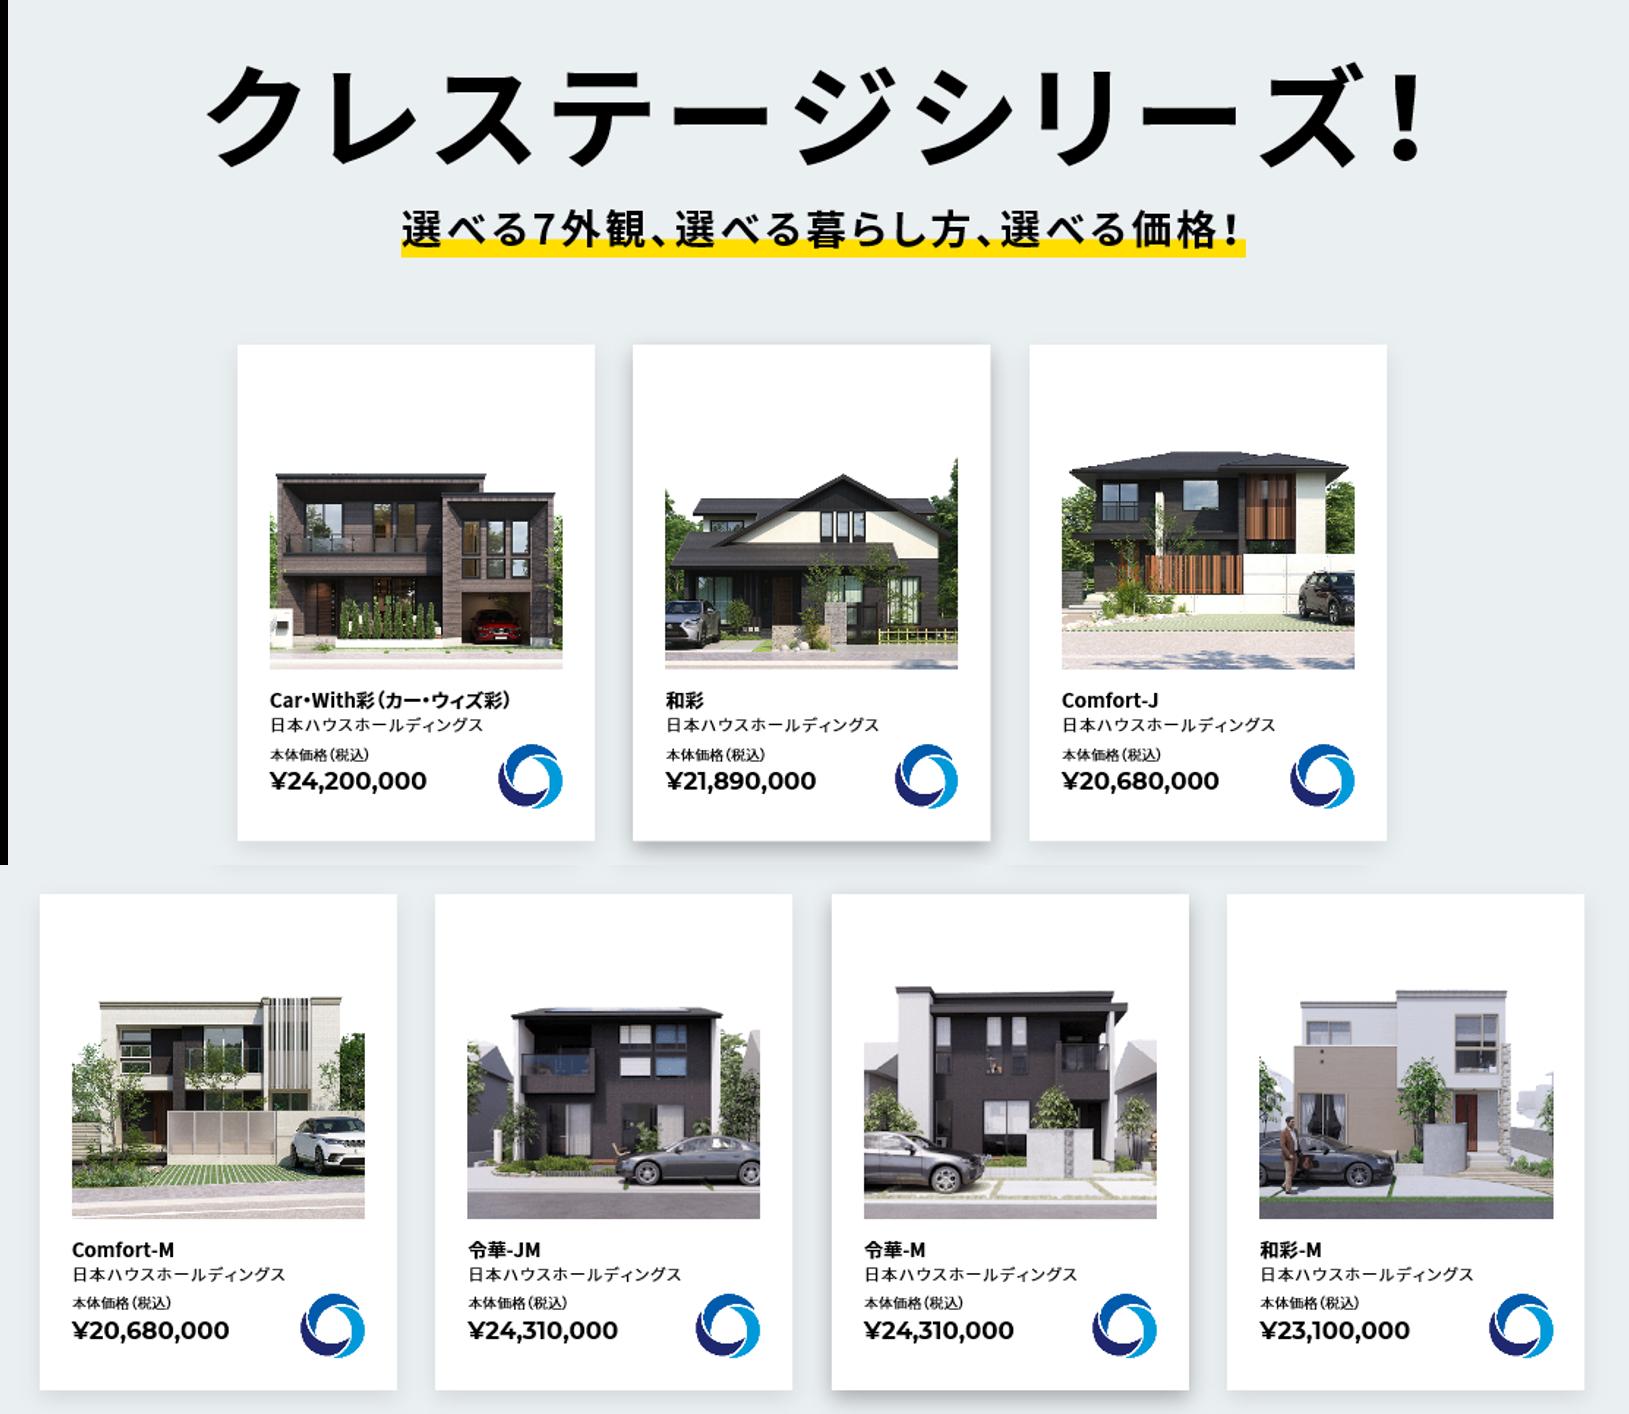 評判 日本 ハウス ホールディングス 株式会社日本ハウスホールディングスの評判・口コミ 転職・求人・採用情報 エン ライトハウス